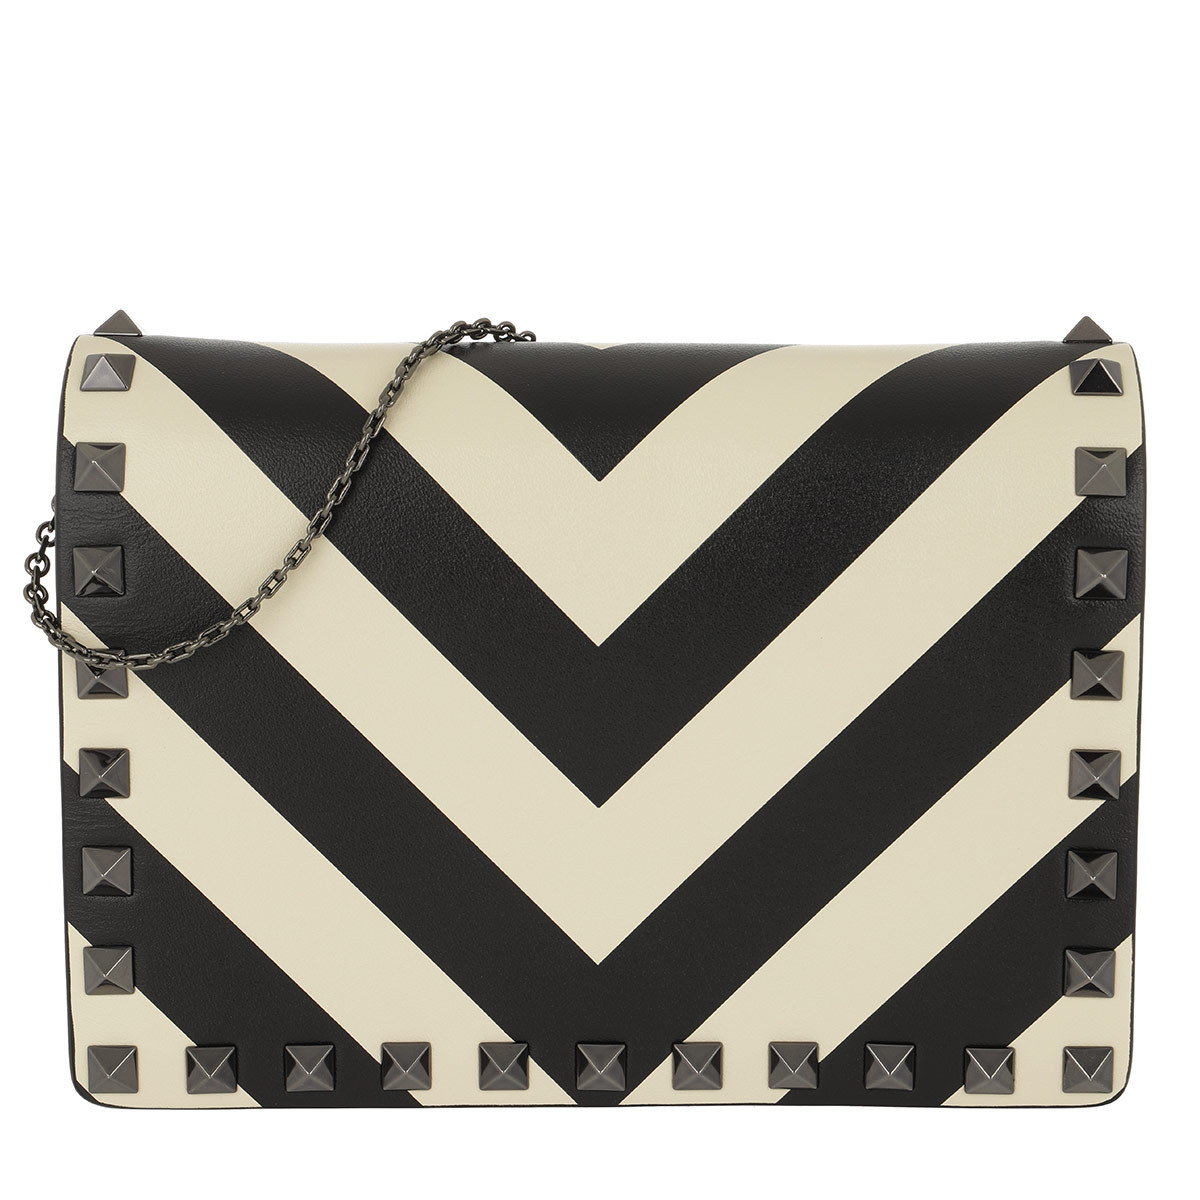 Valentino Umhängetasche - Wallet On Chain Clutch Leather Black/White - in weiß - für Damen